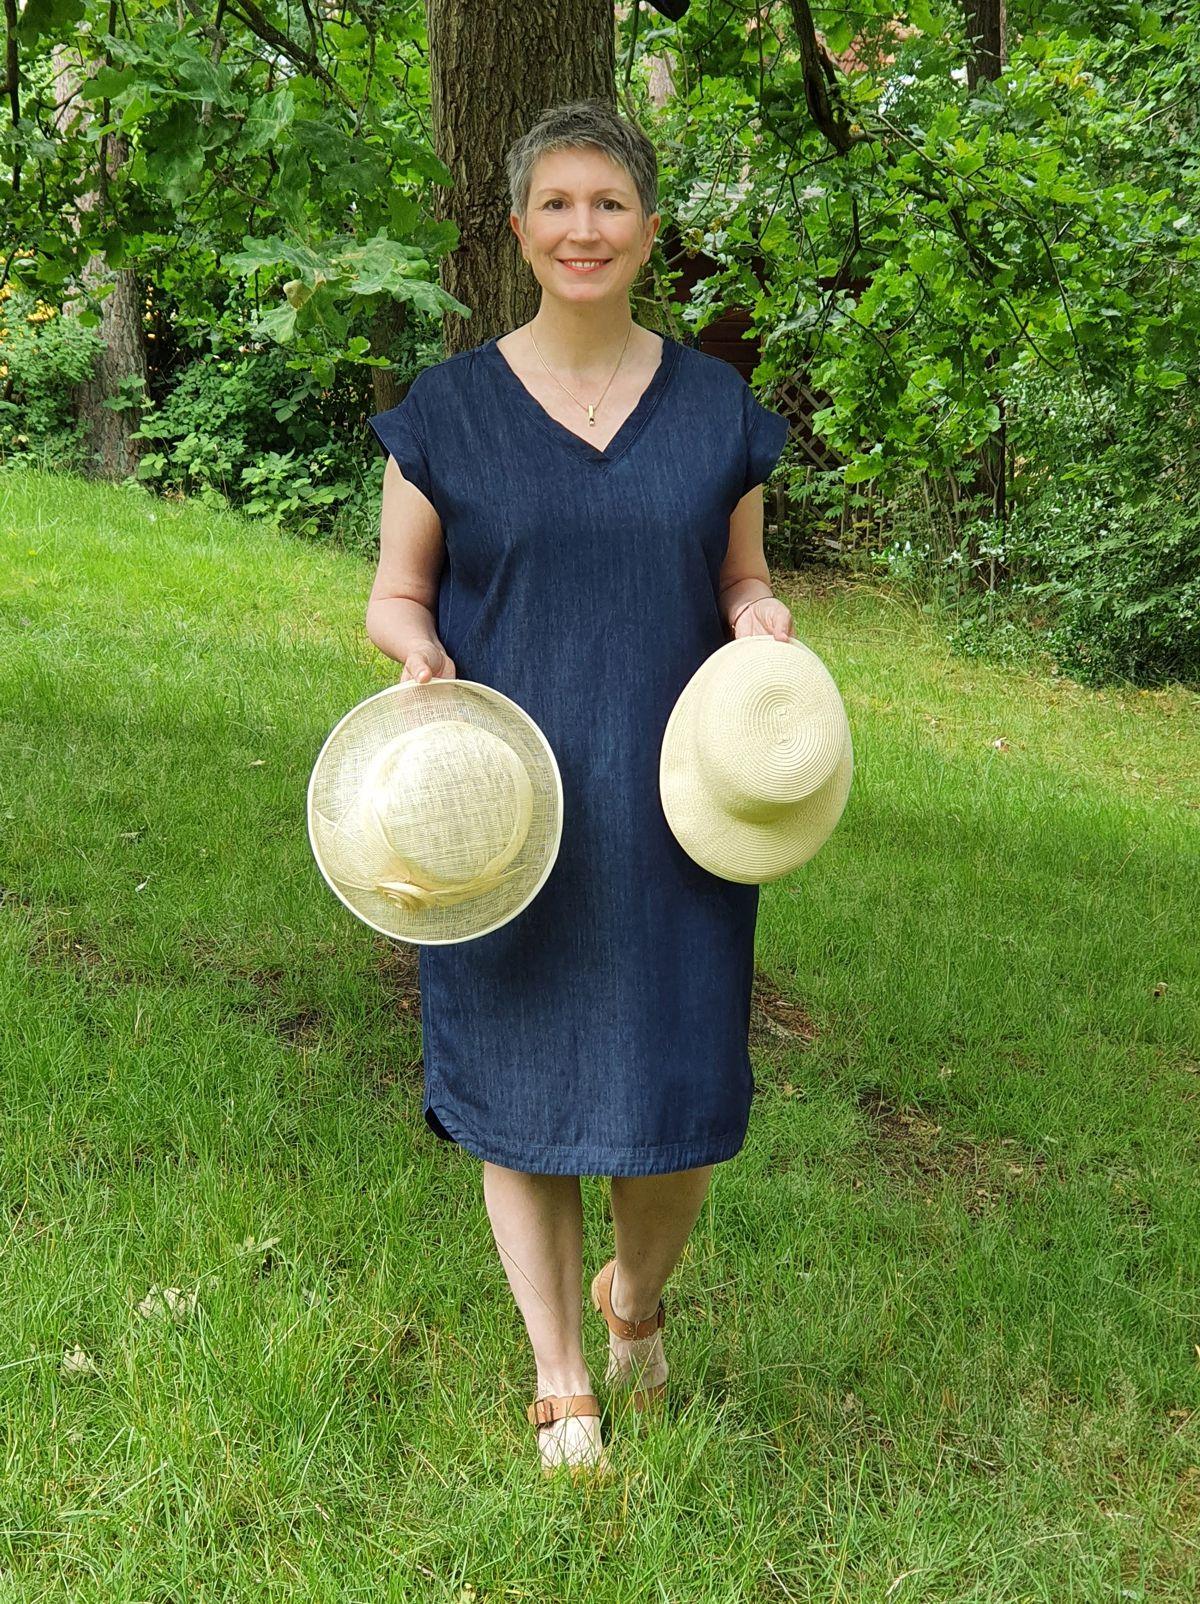 Ines Meyrose – Outfit 2021 mit Sommerhut in Cremeweiß, blauem Jeanskleid und Sandaletten – Ü50 Bloggerin